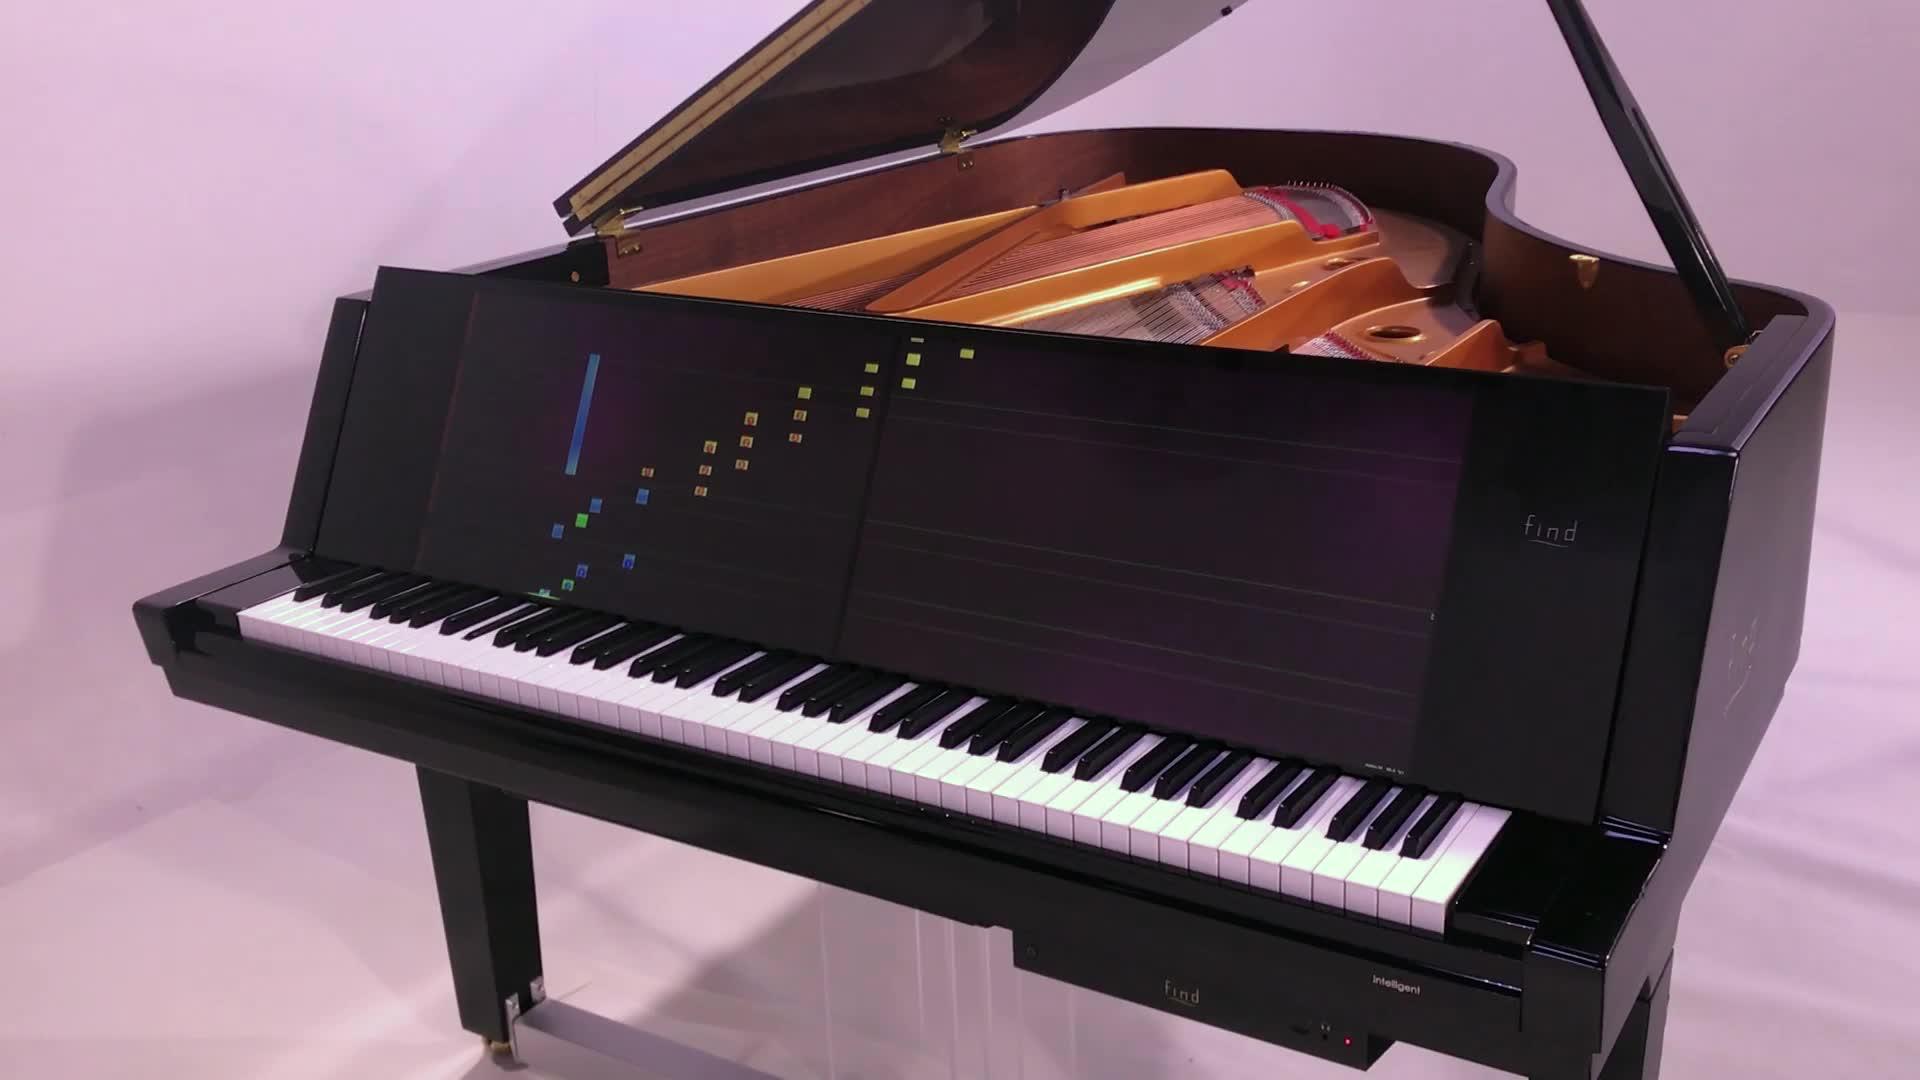 还可以这样操作 威尼斯之旅 find智慧钢琴自动演奏图片